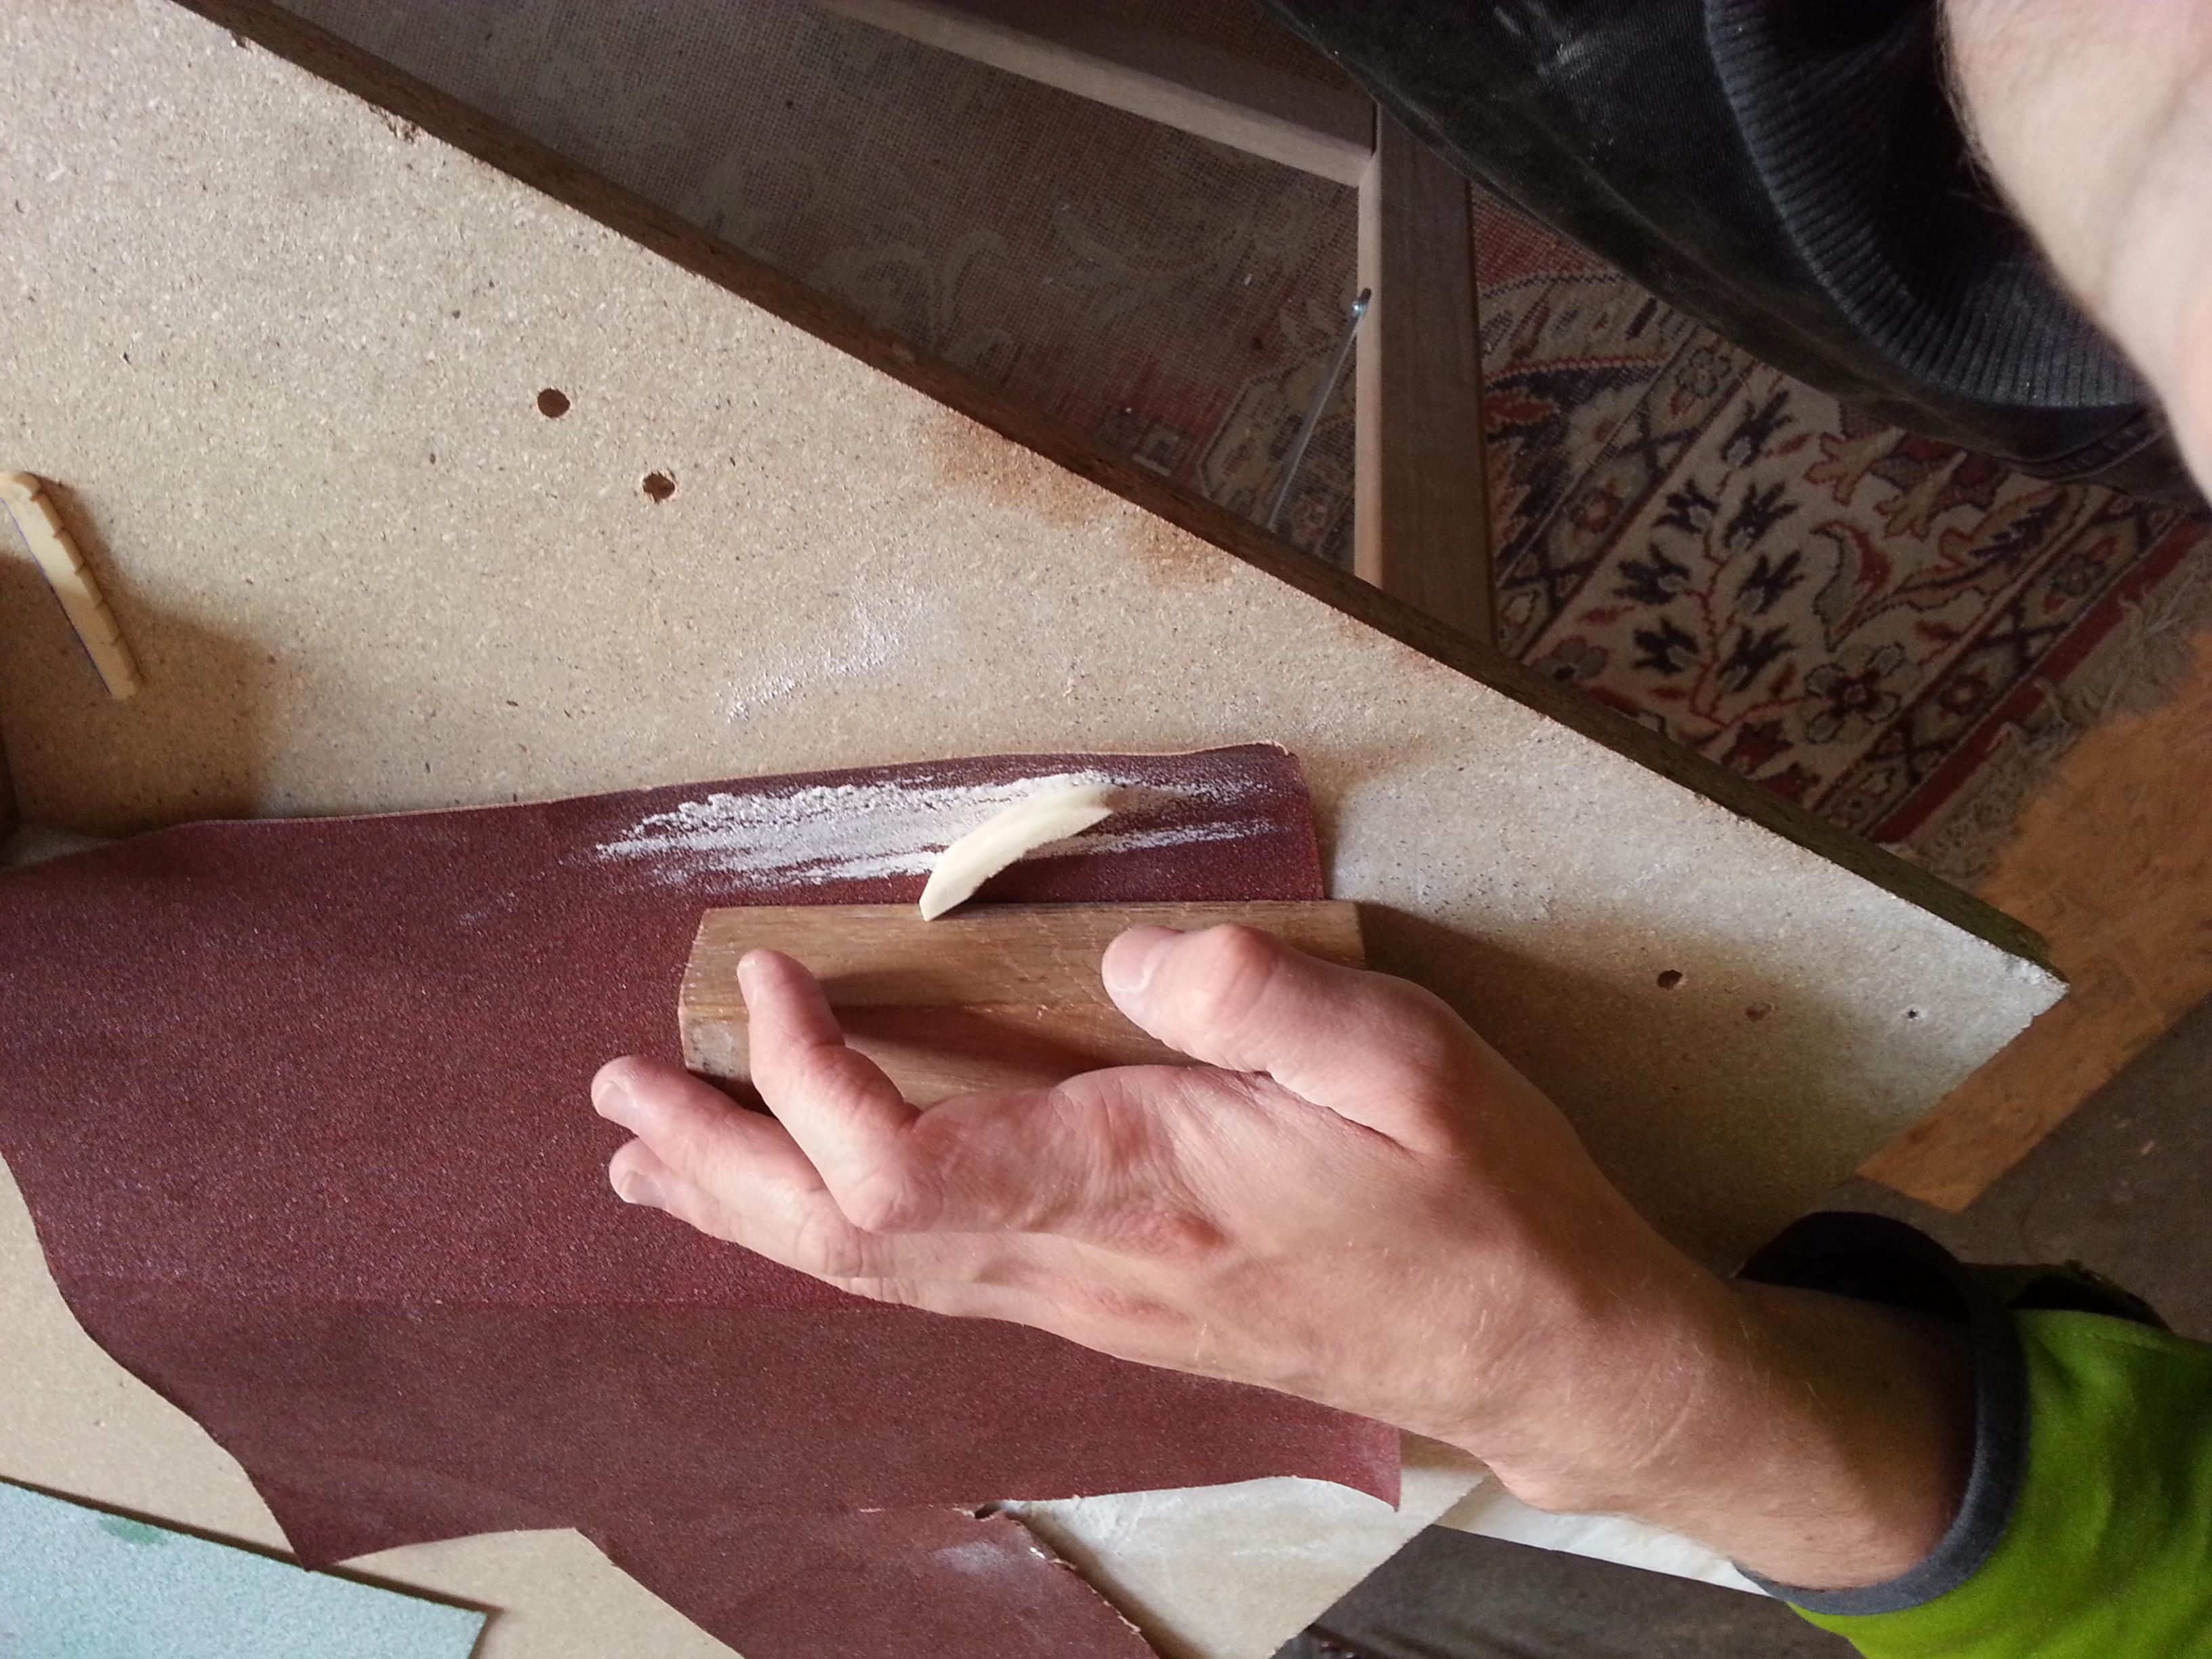 Auf diesem Bild sieht man ein für die Reparatur einer E-Gitarre entstehender Sattel aus Rindsknochen.